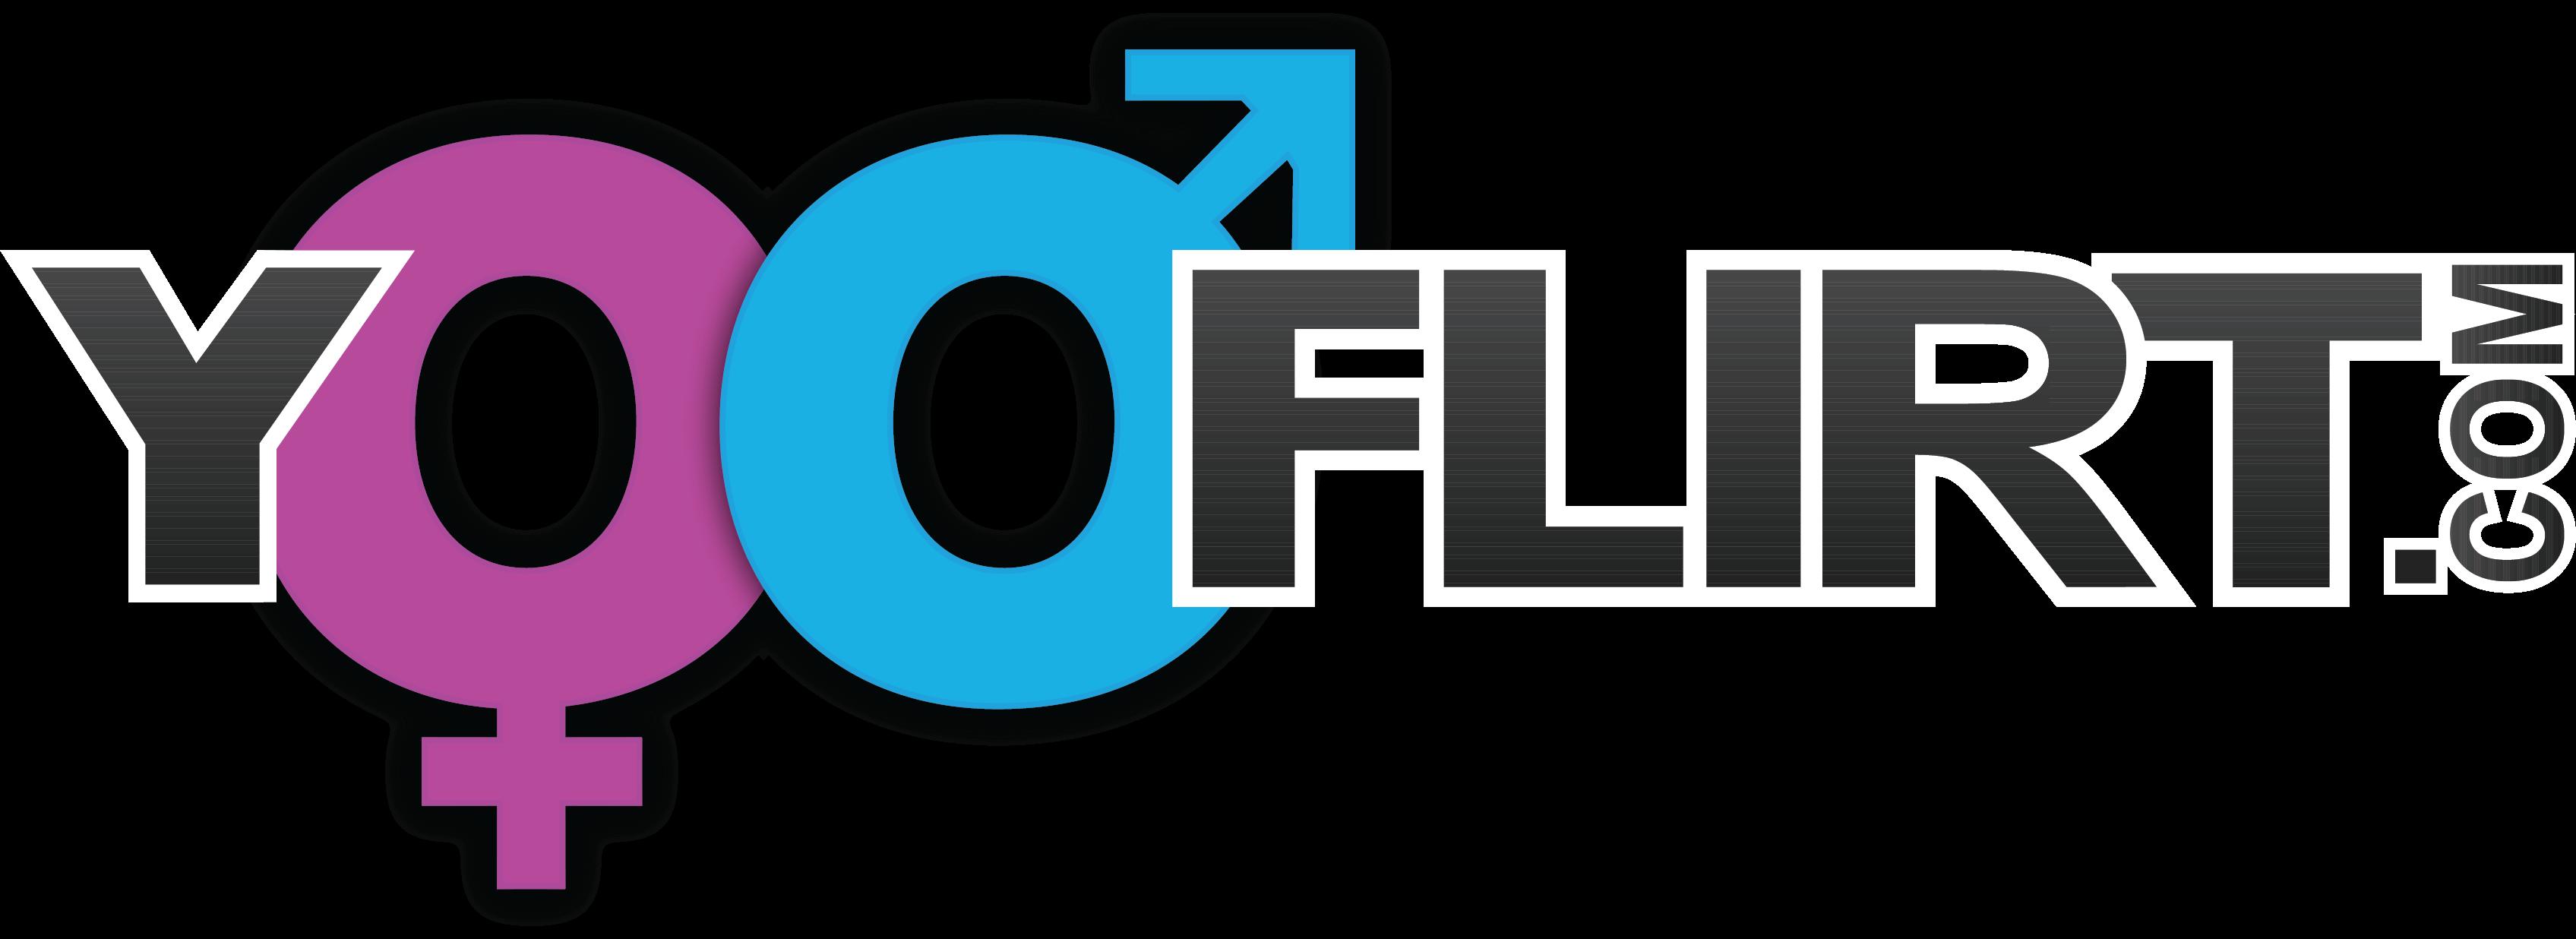 Yooflirt Logo